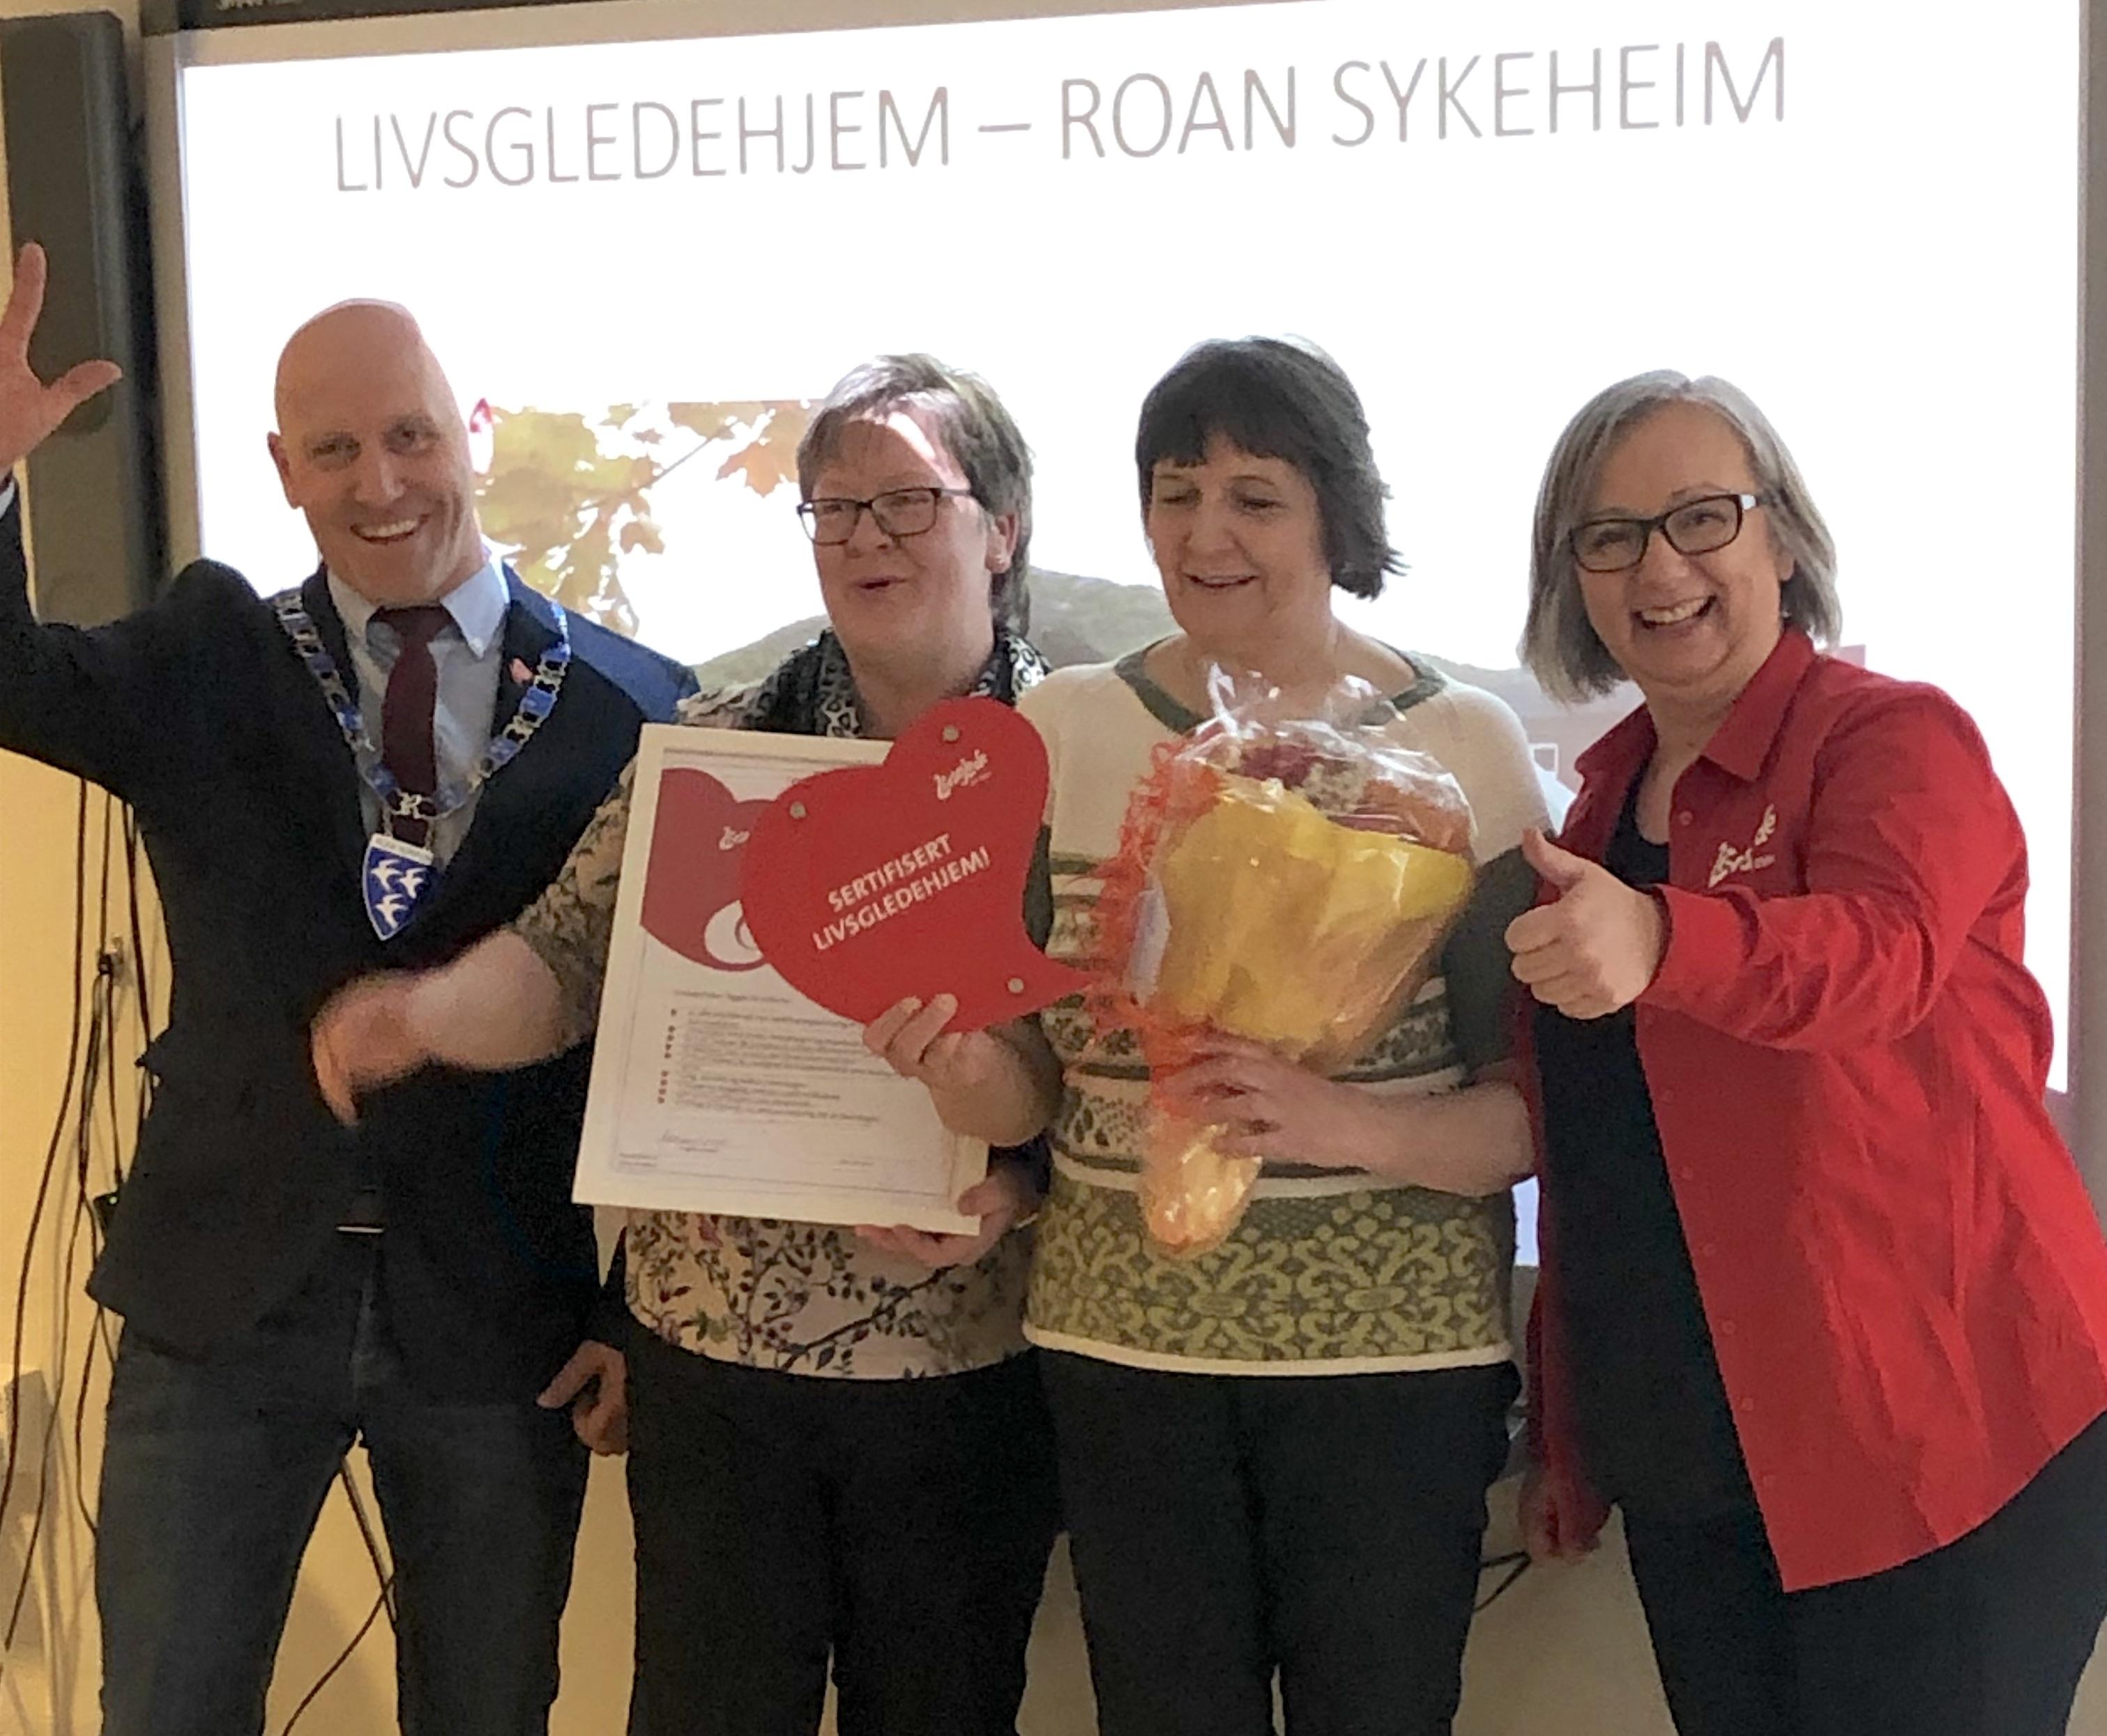 Ordfører Einar Eian kom for å gratulere Roan sykehjem med gjennomført sertifisering